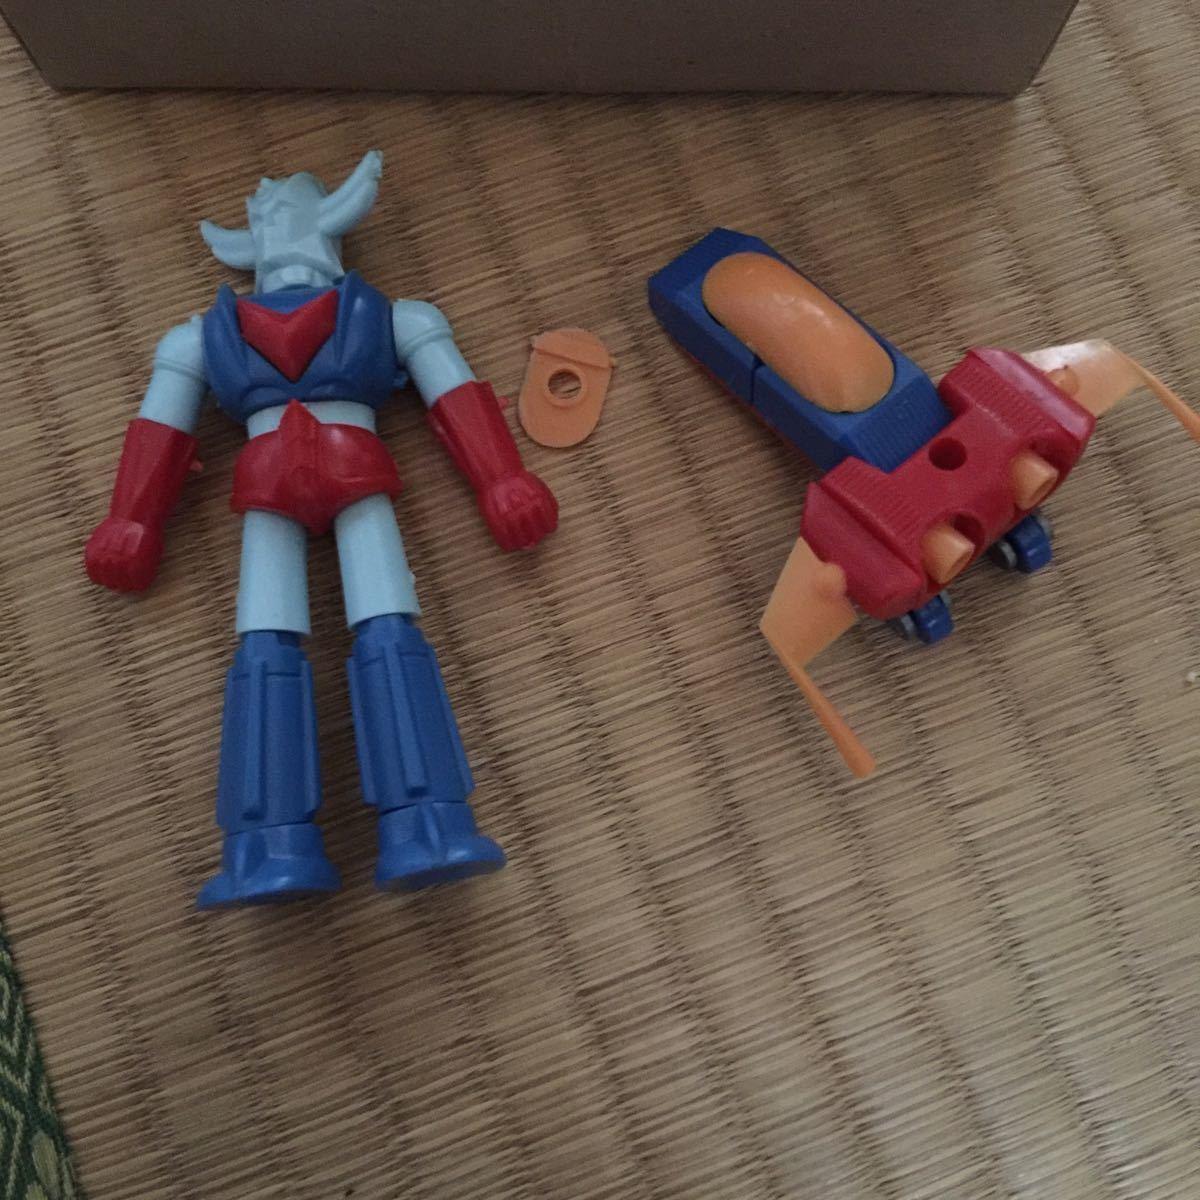 合体ロボット アトランジャー ミニ合体マシン アオシマ _画像4